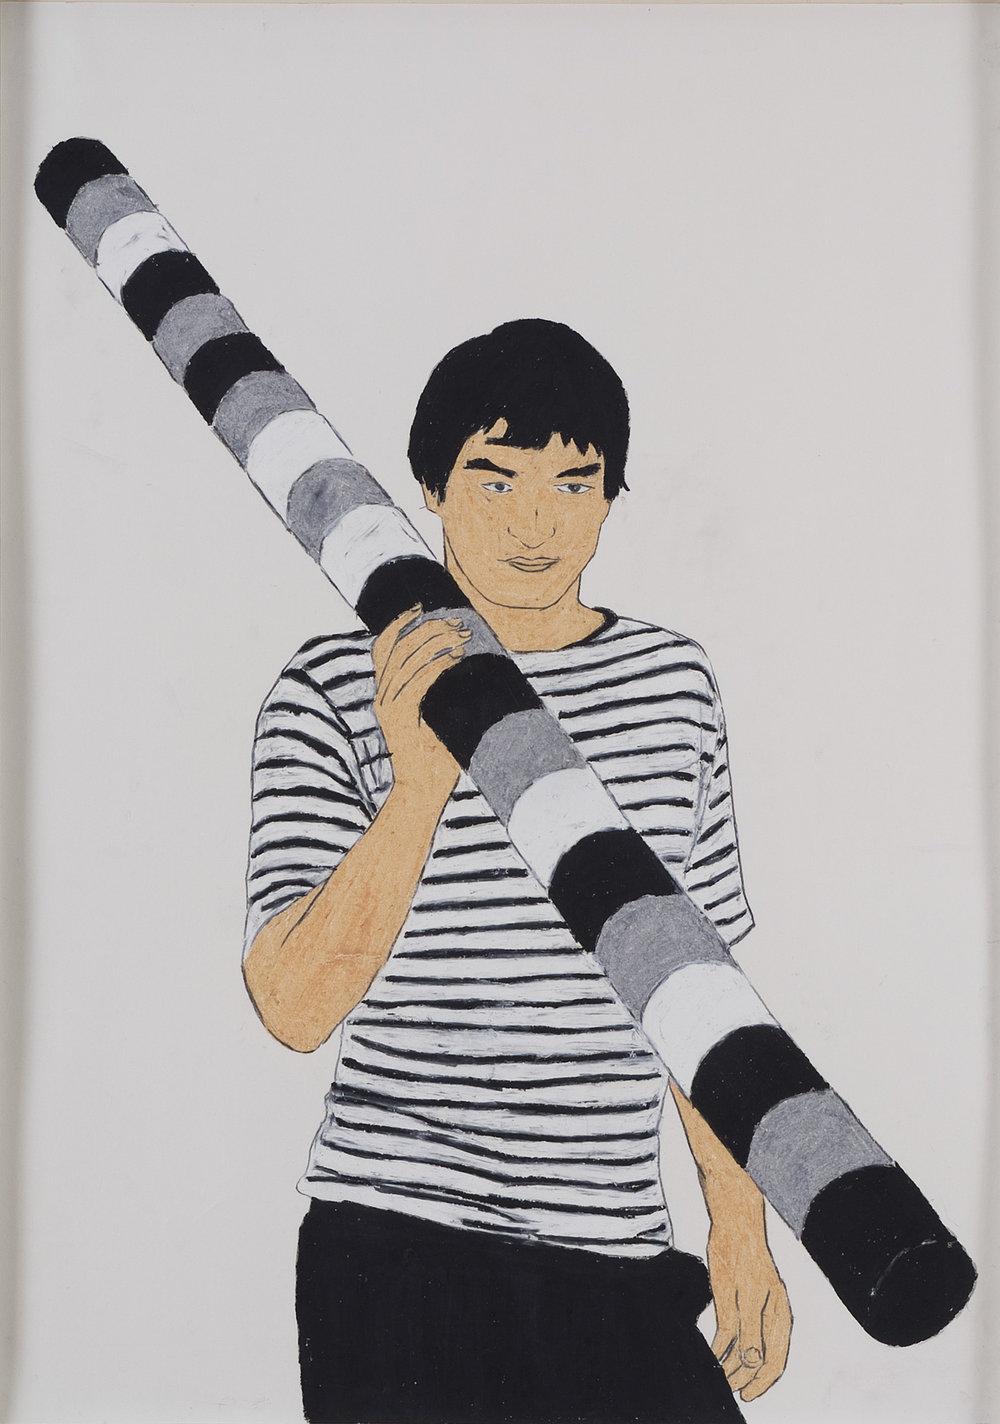 A. Cadere | Wachskreide auf Papier | 2008 | 84 x 59 cm